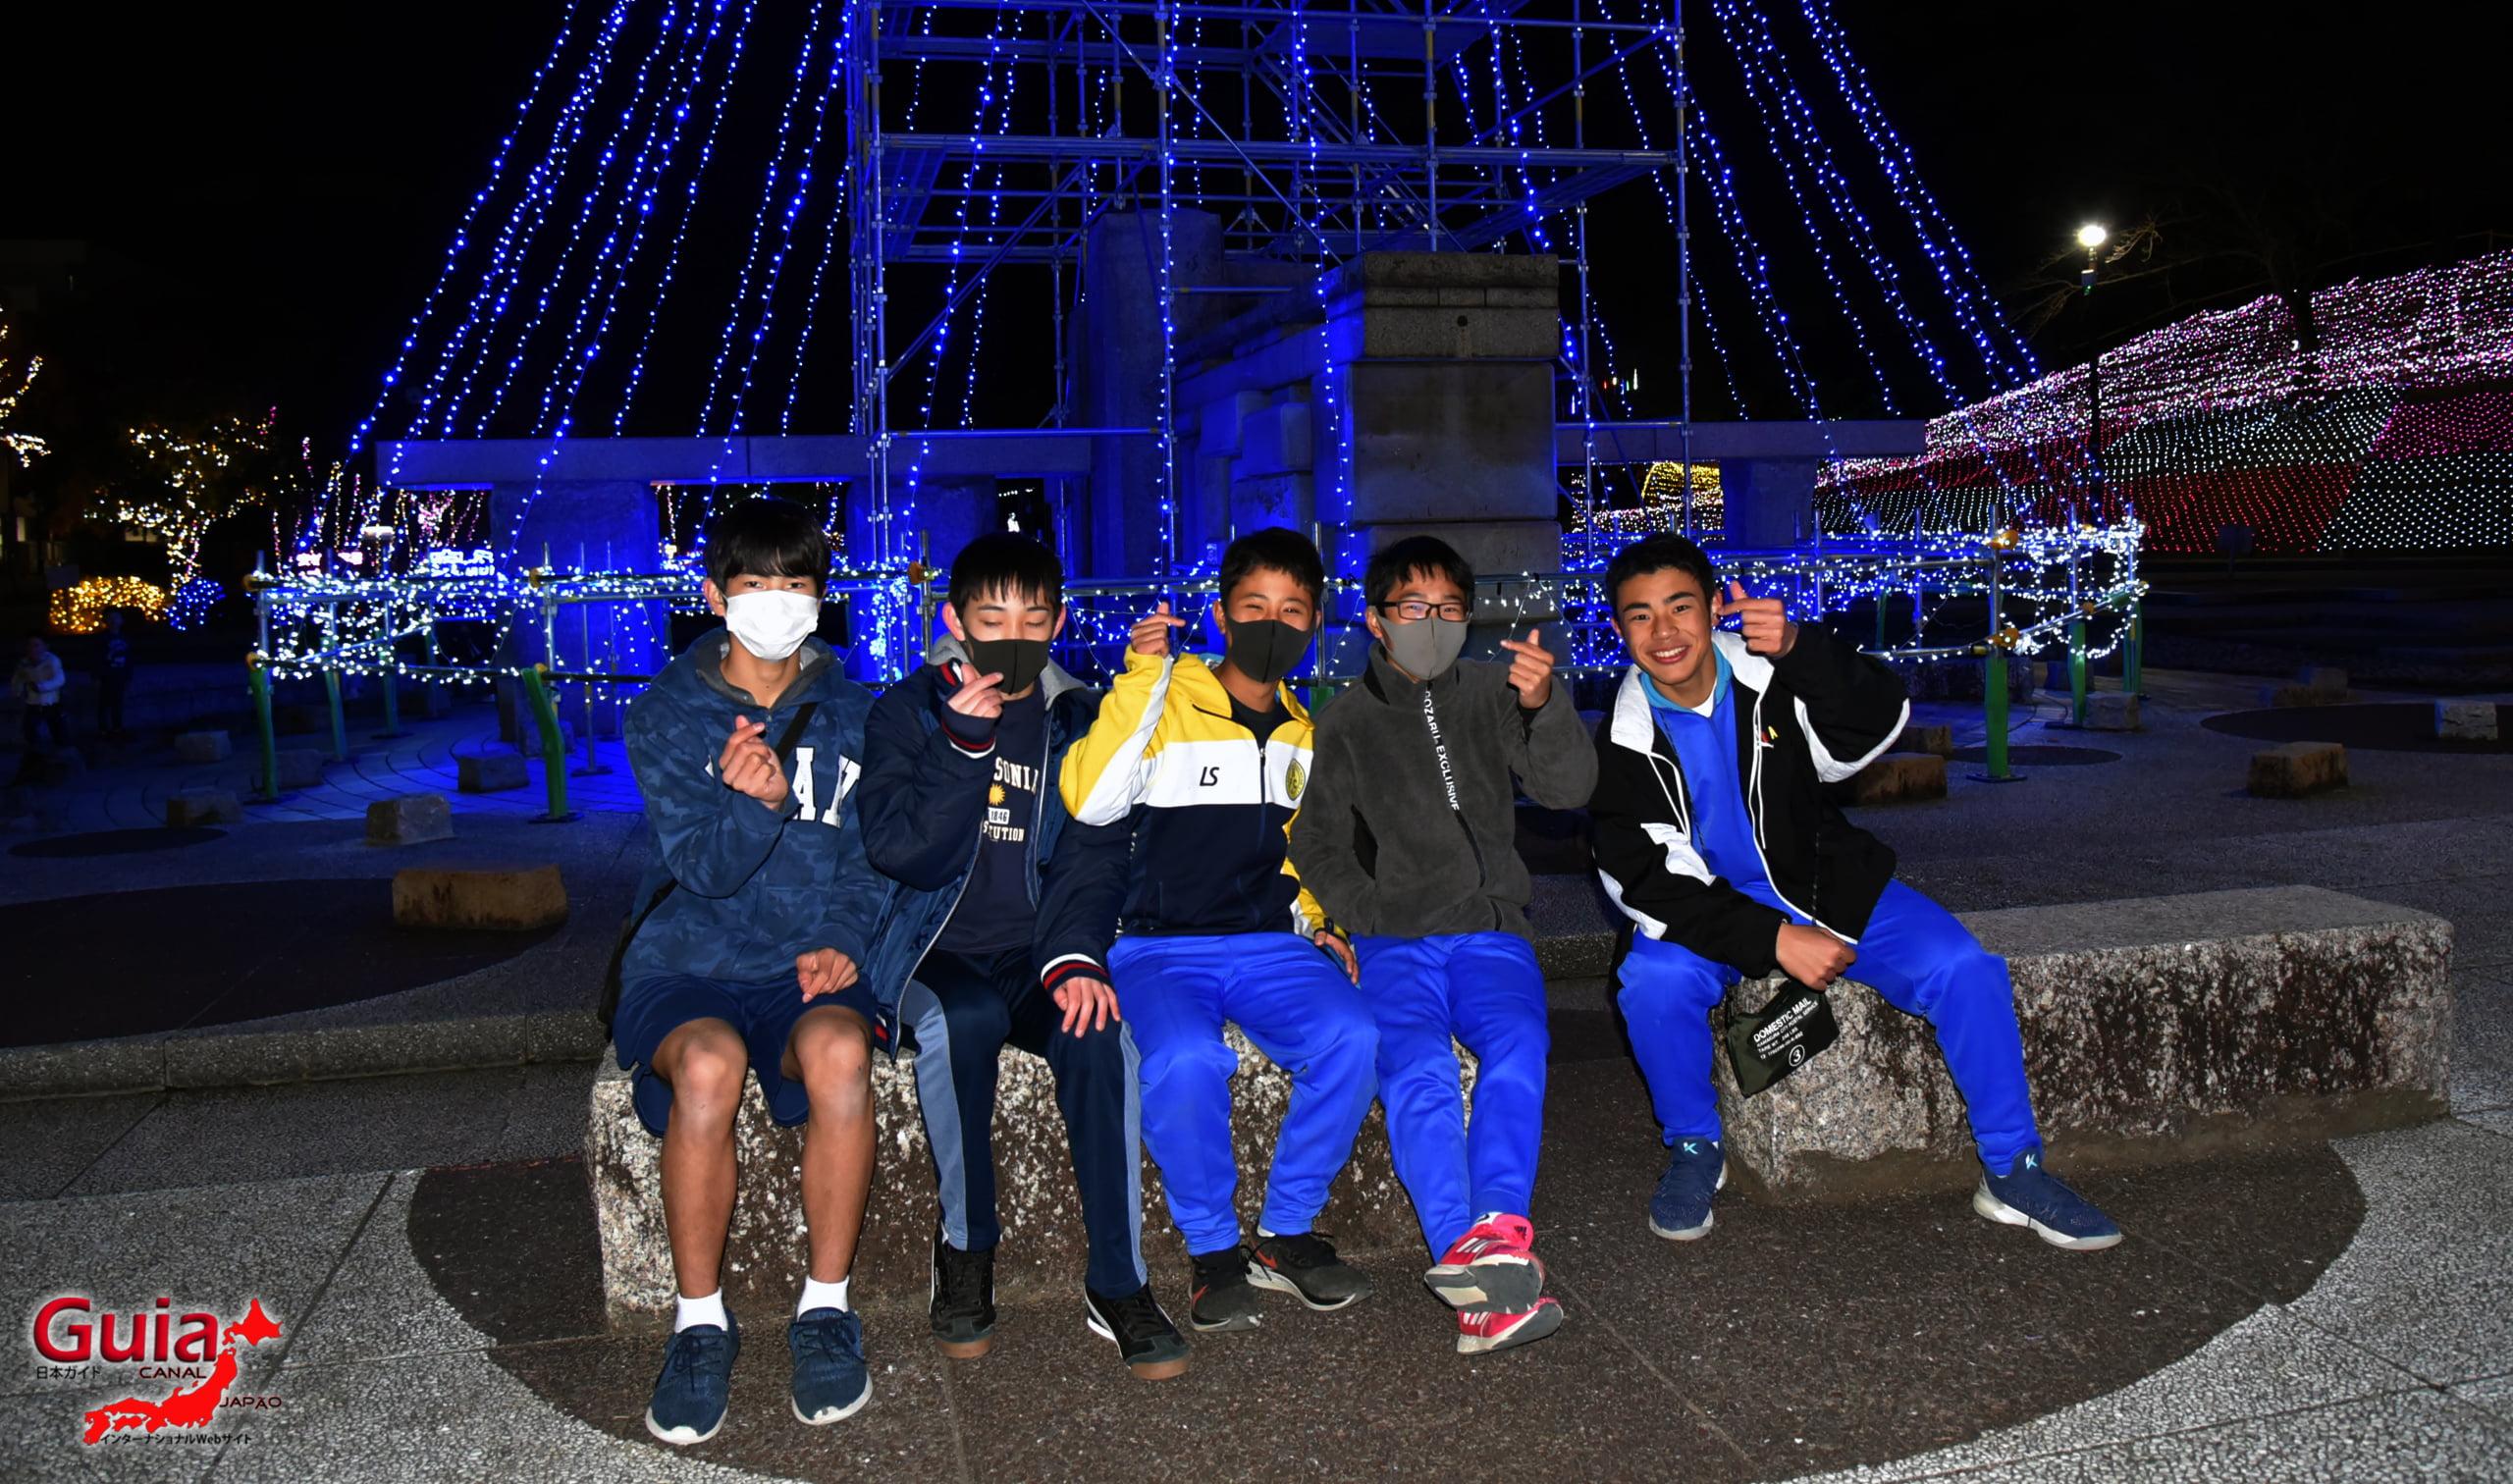 Chiryu - Зул сарын баярын гэрэлтүүлэг 8